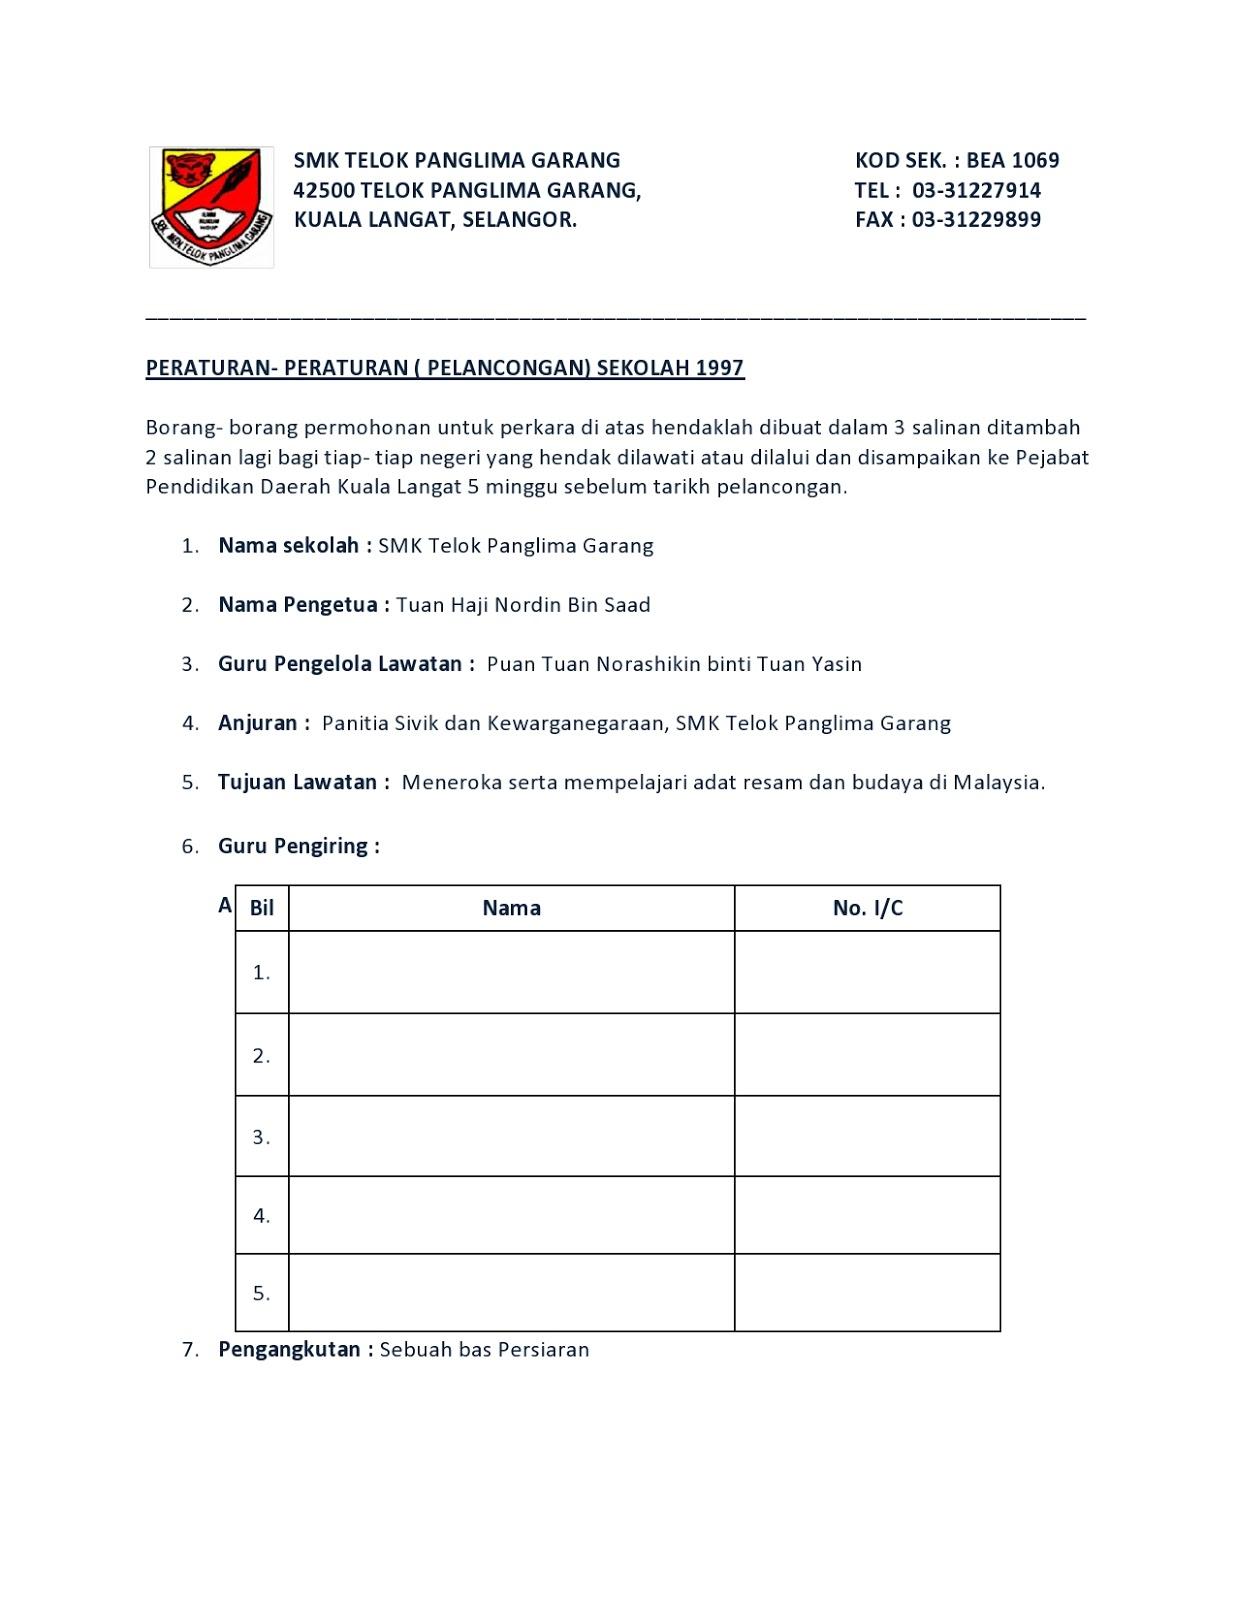 kertas kerja Berikut merupakan link-link untuk download kertas kerja bagi program sekolah kertas kerja program pemantapan disiplin kertas cadangan seminar motivasi pmr/spm.